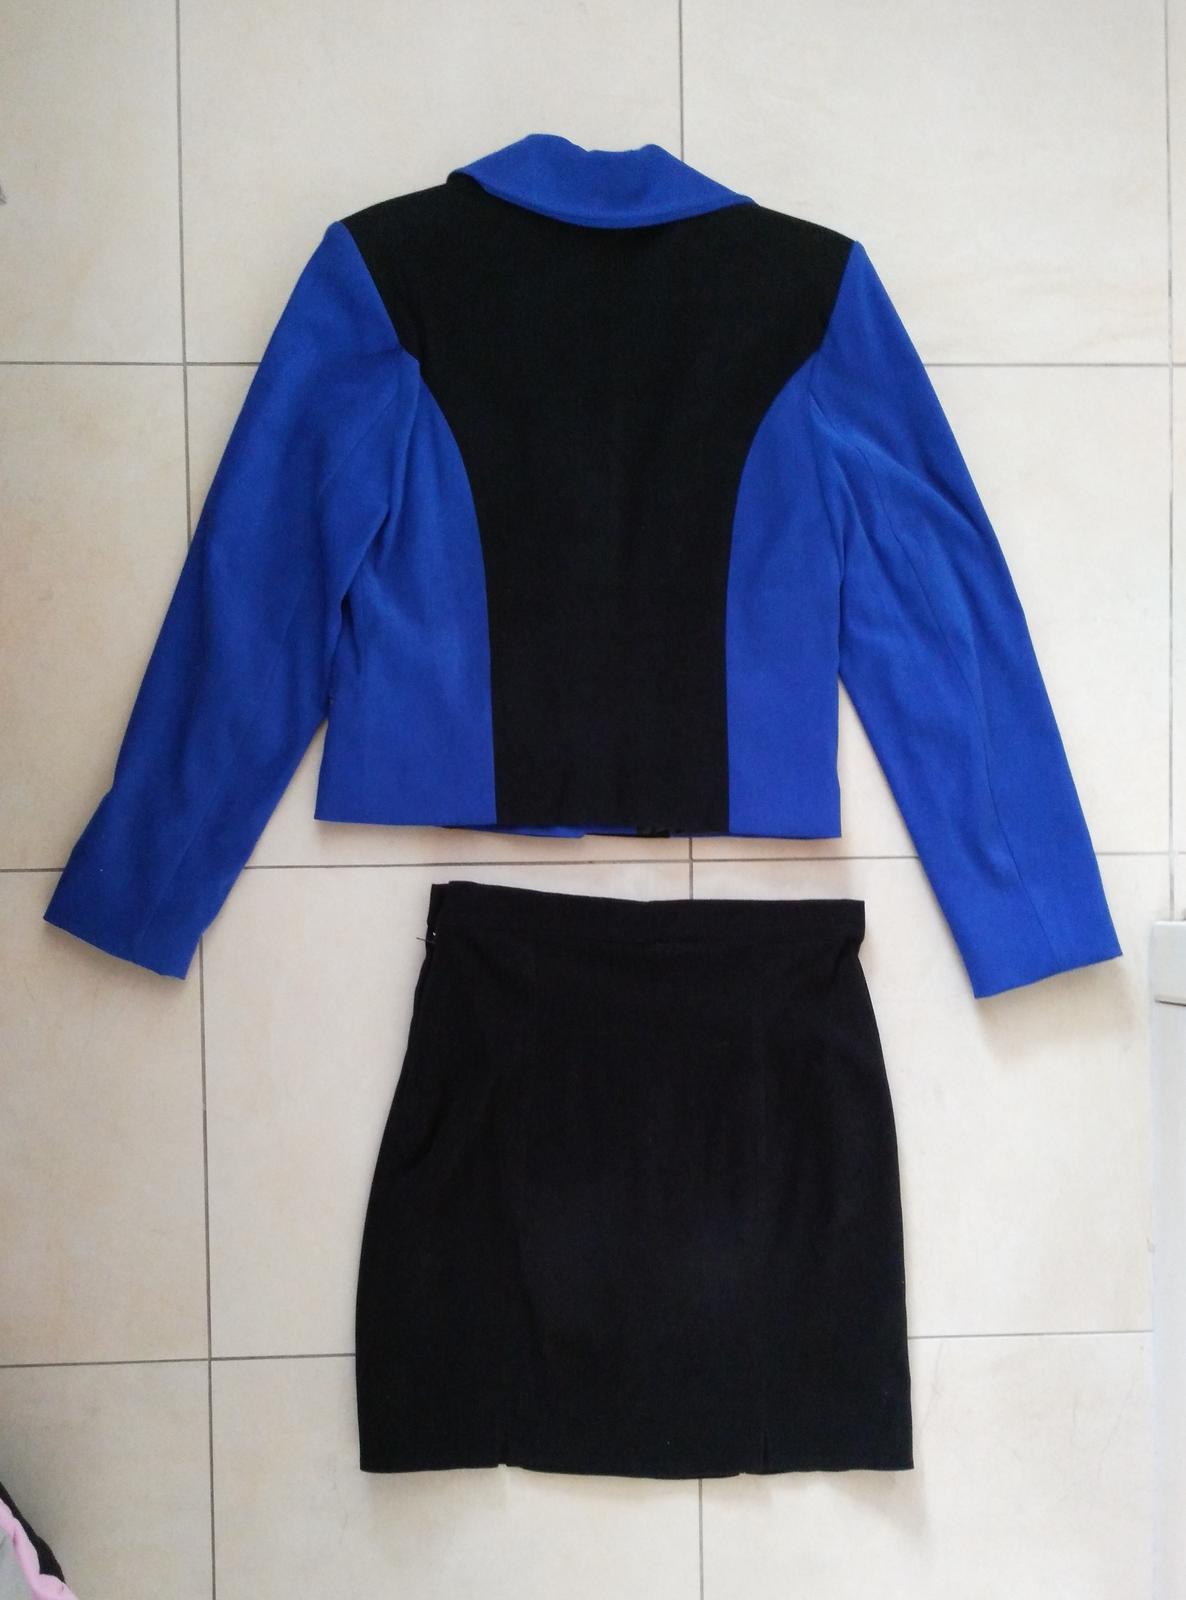 Čierno-modrý kostým sako + sukňa 38 (M) - Obrázok č. 3